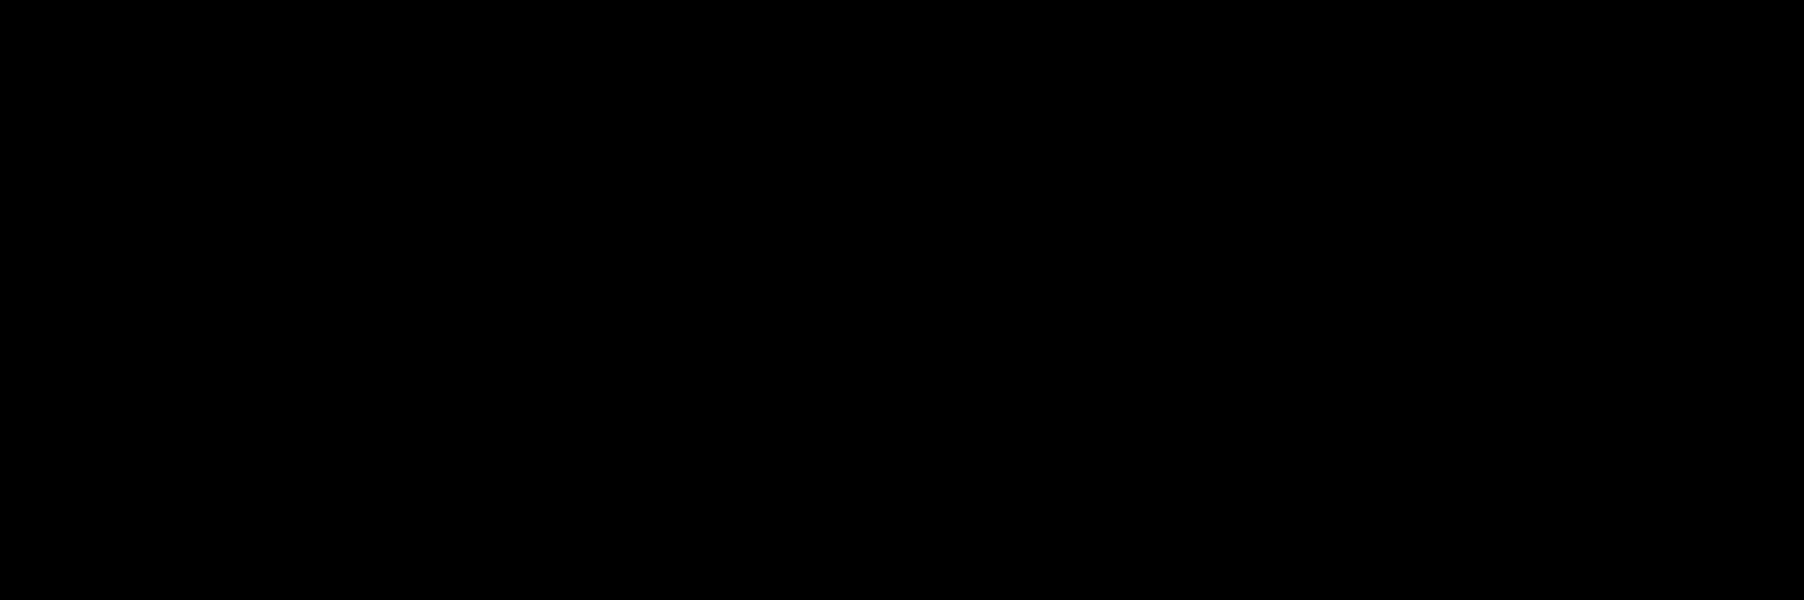 Waschen Leinentrocknen Flanell Symbole